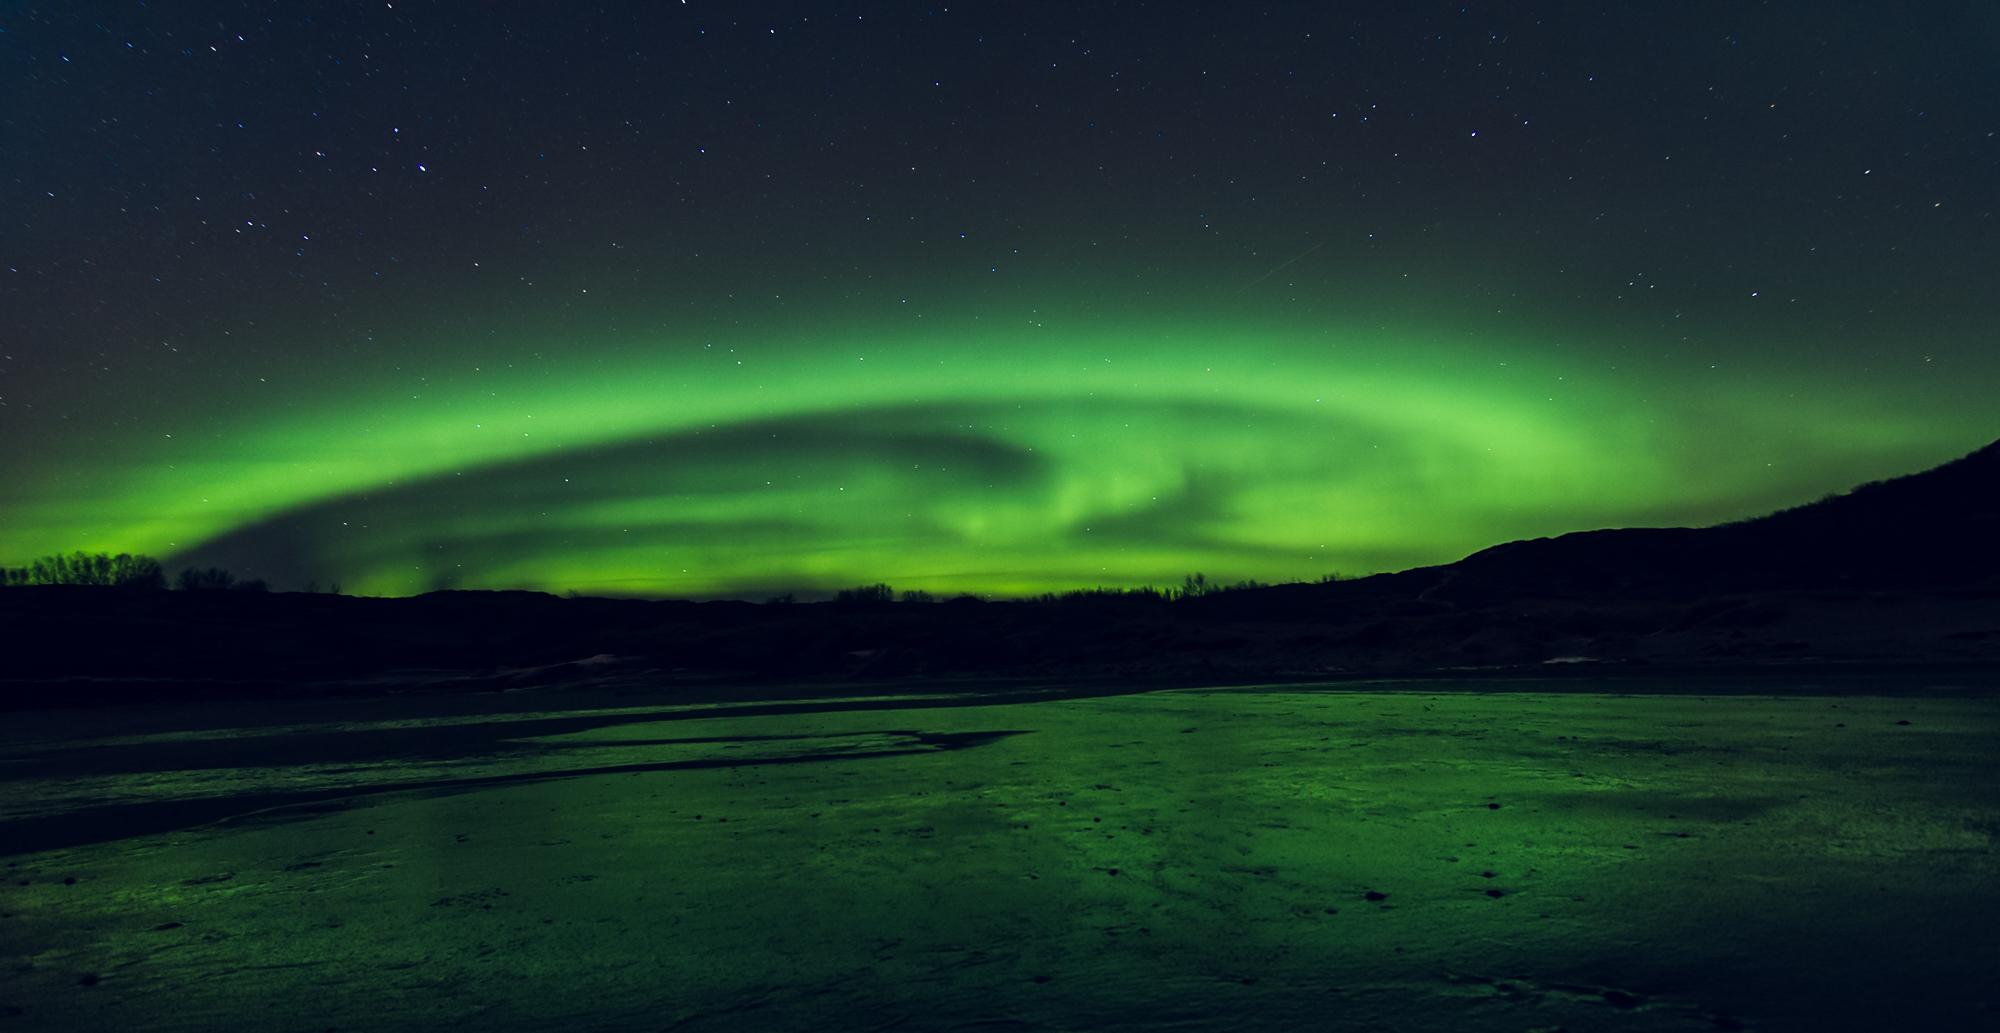 Nordlys over Ausvika i Bodø-DSC_2710-Bjørn Joachimsen.jpg